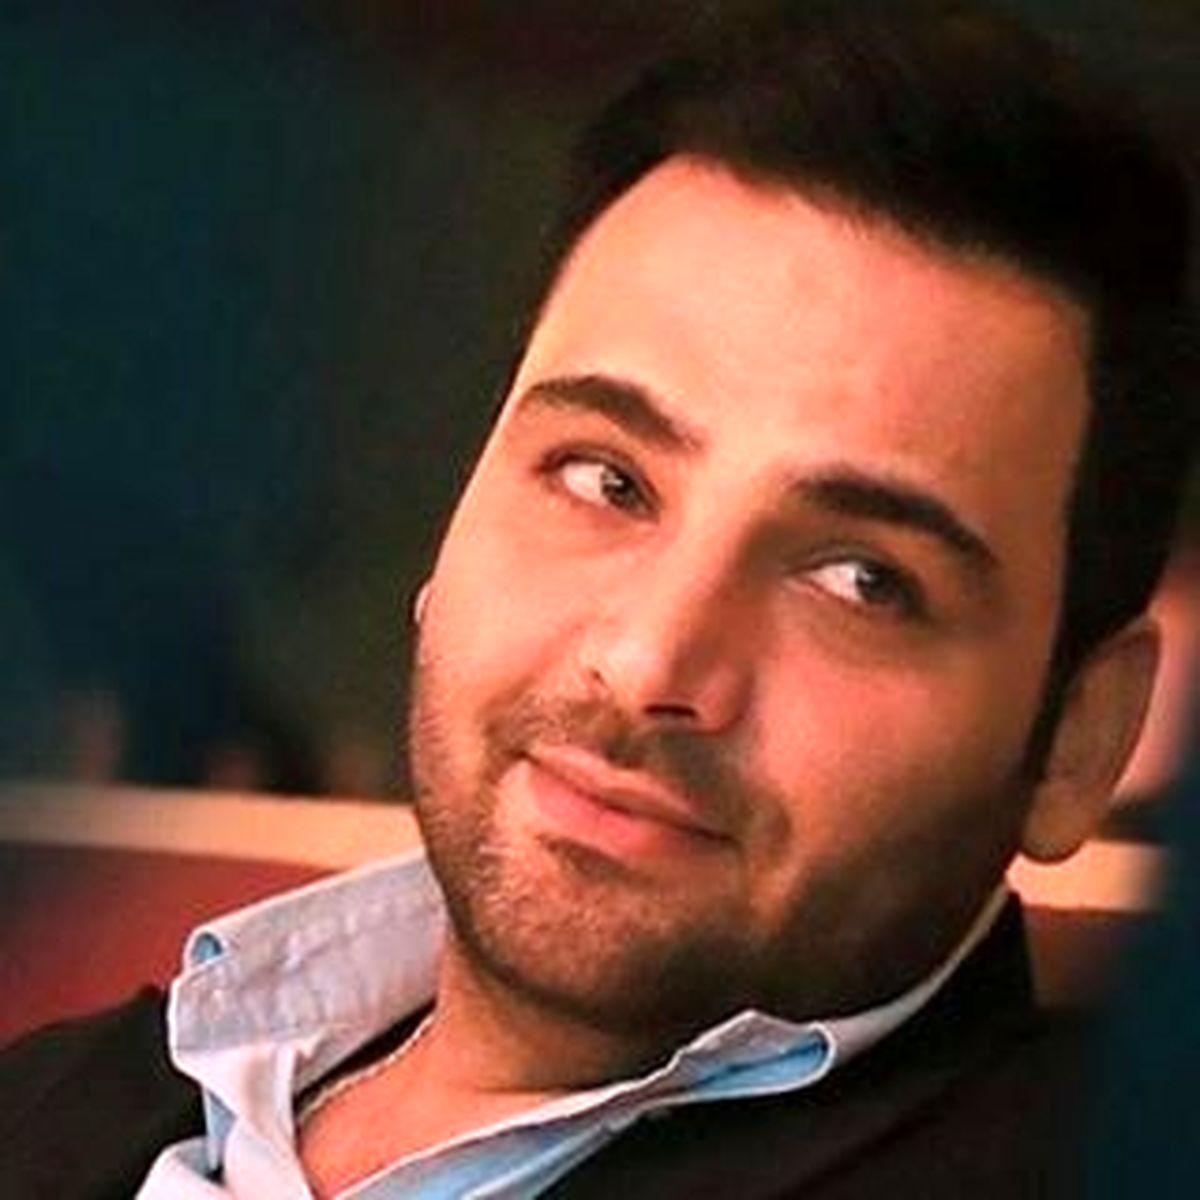 توهین و تحقیر احسان علیخانی به پدرش در برنامه زنده + فیلم